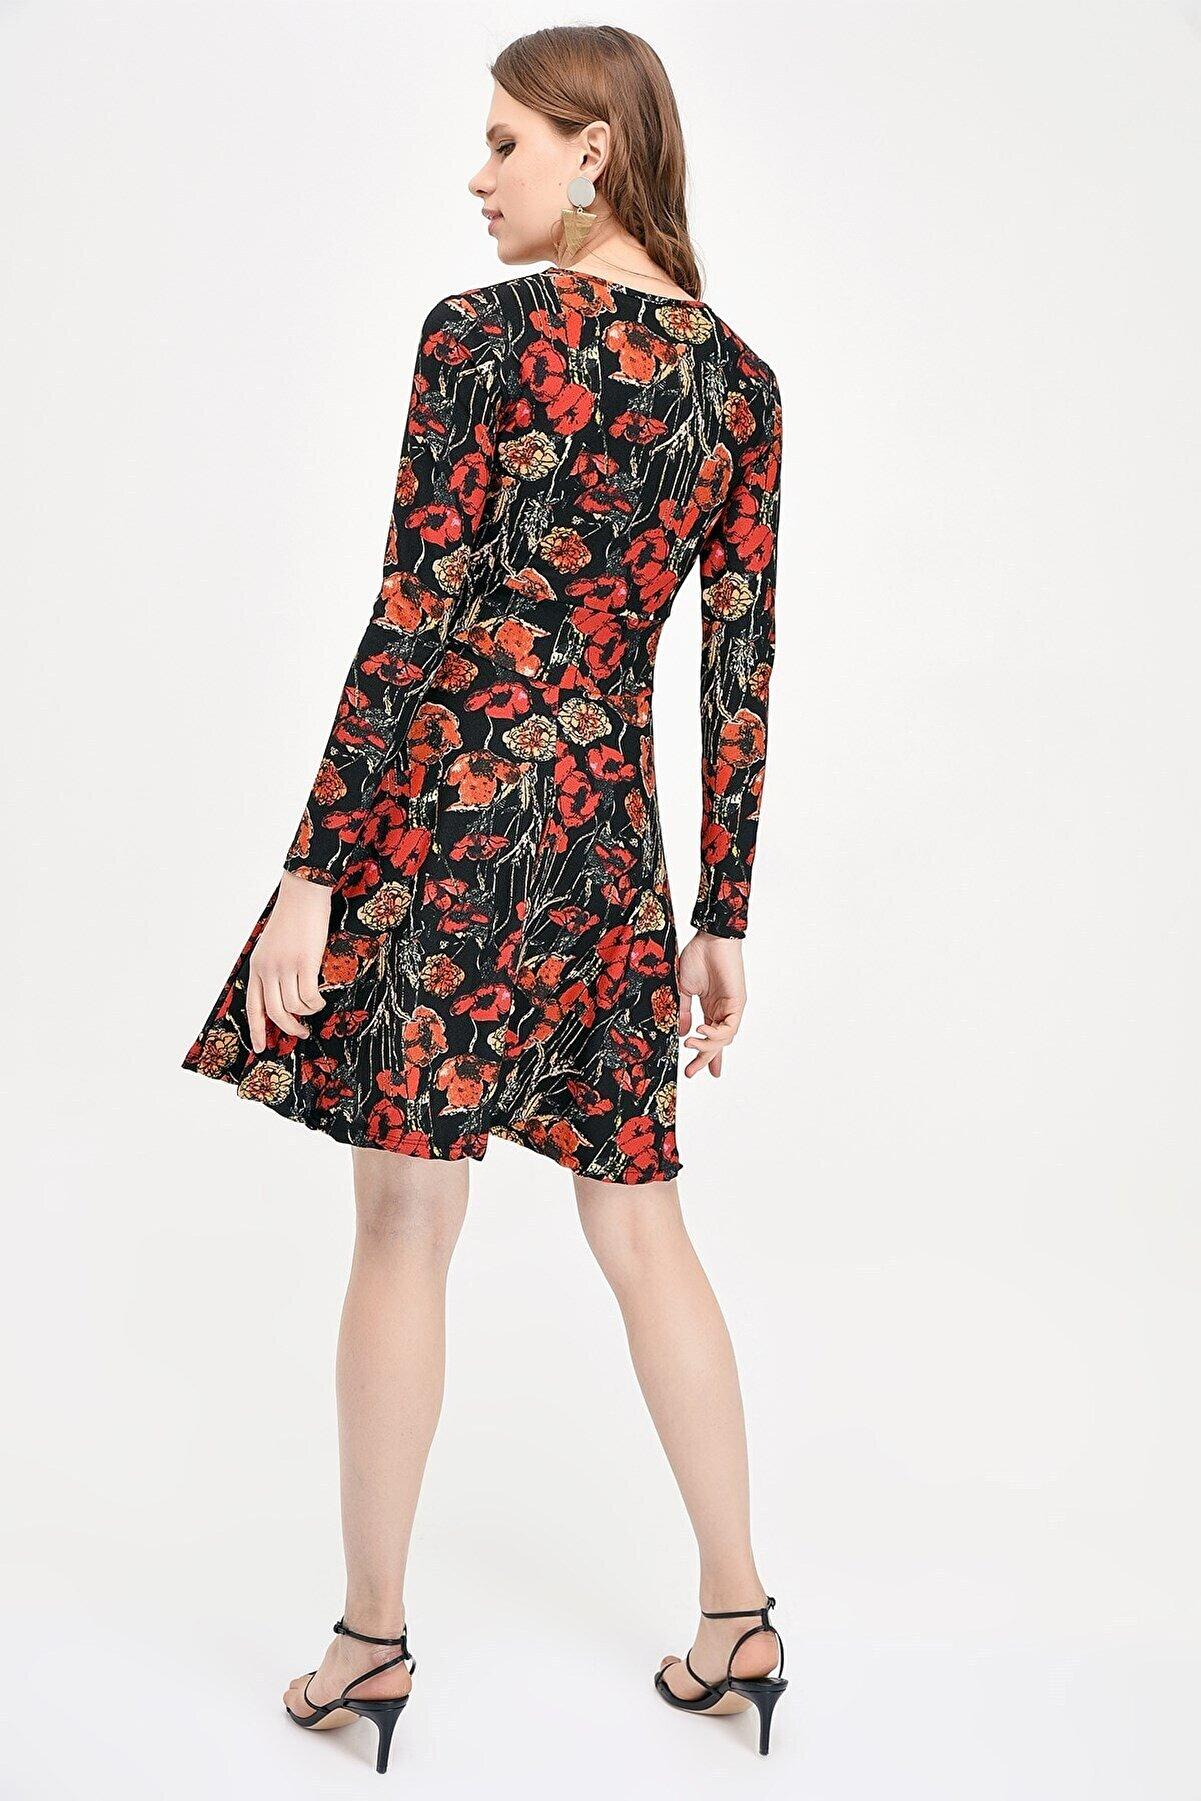 Cotton Mood 9041452 Örme Krep Beli Şeritli Kruvaze Yaka Uzun Kol Elbise Sıyah-bordo Gullu